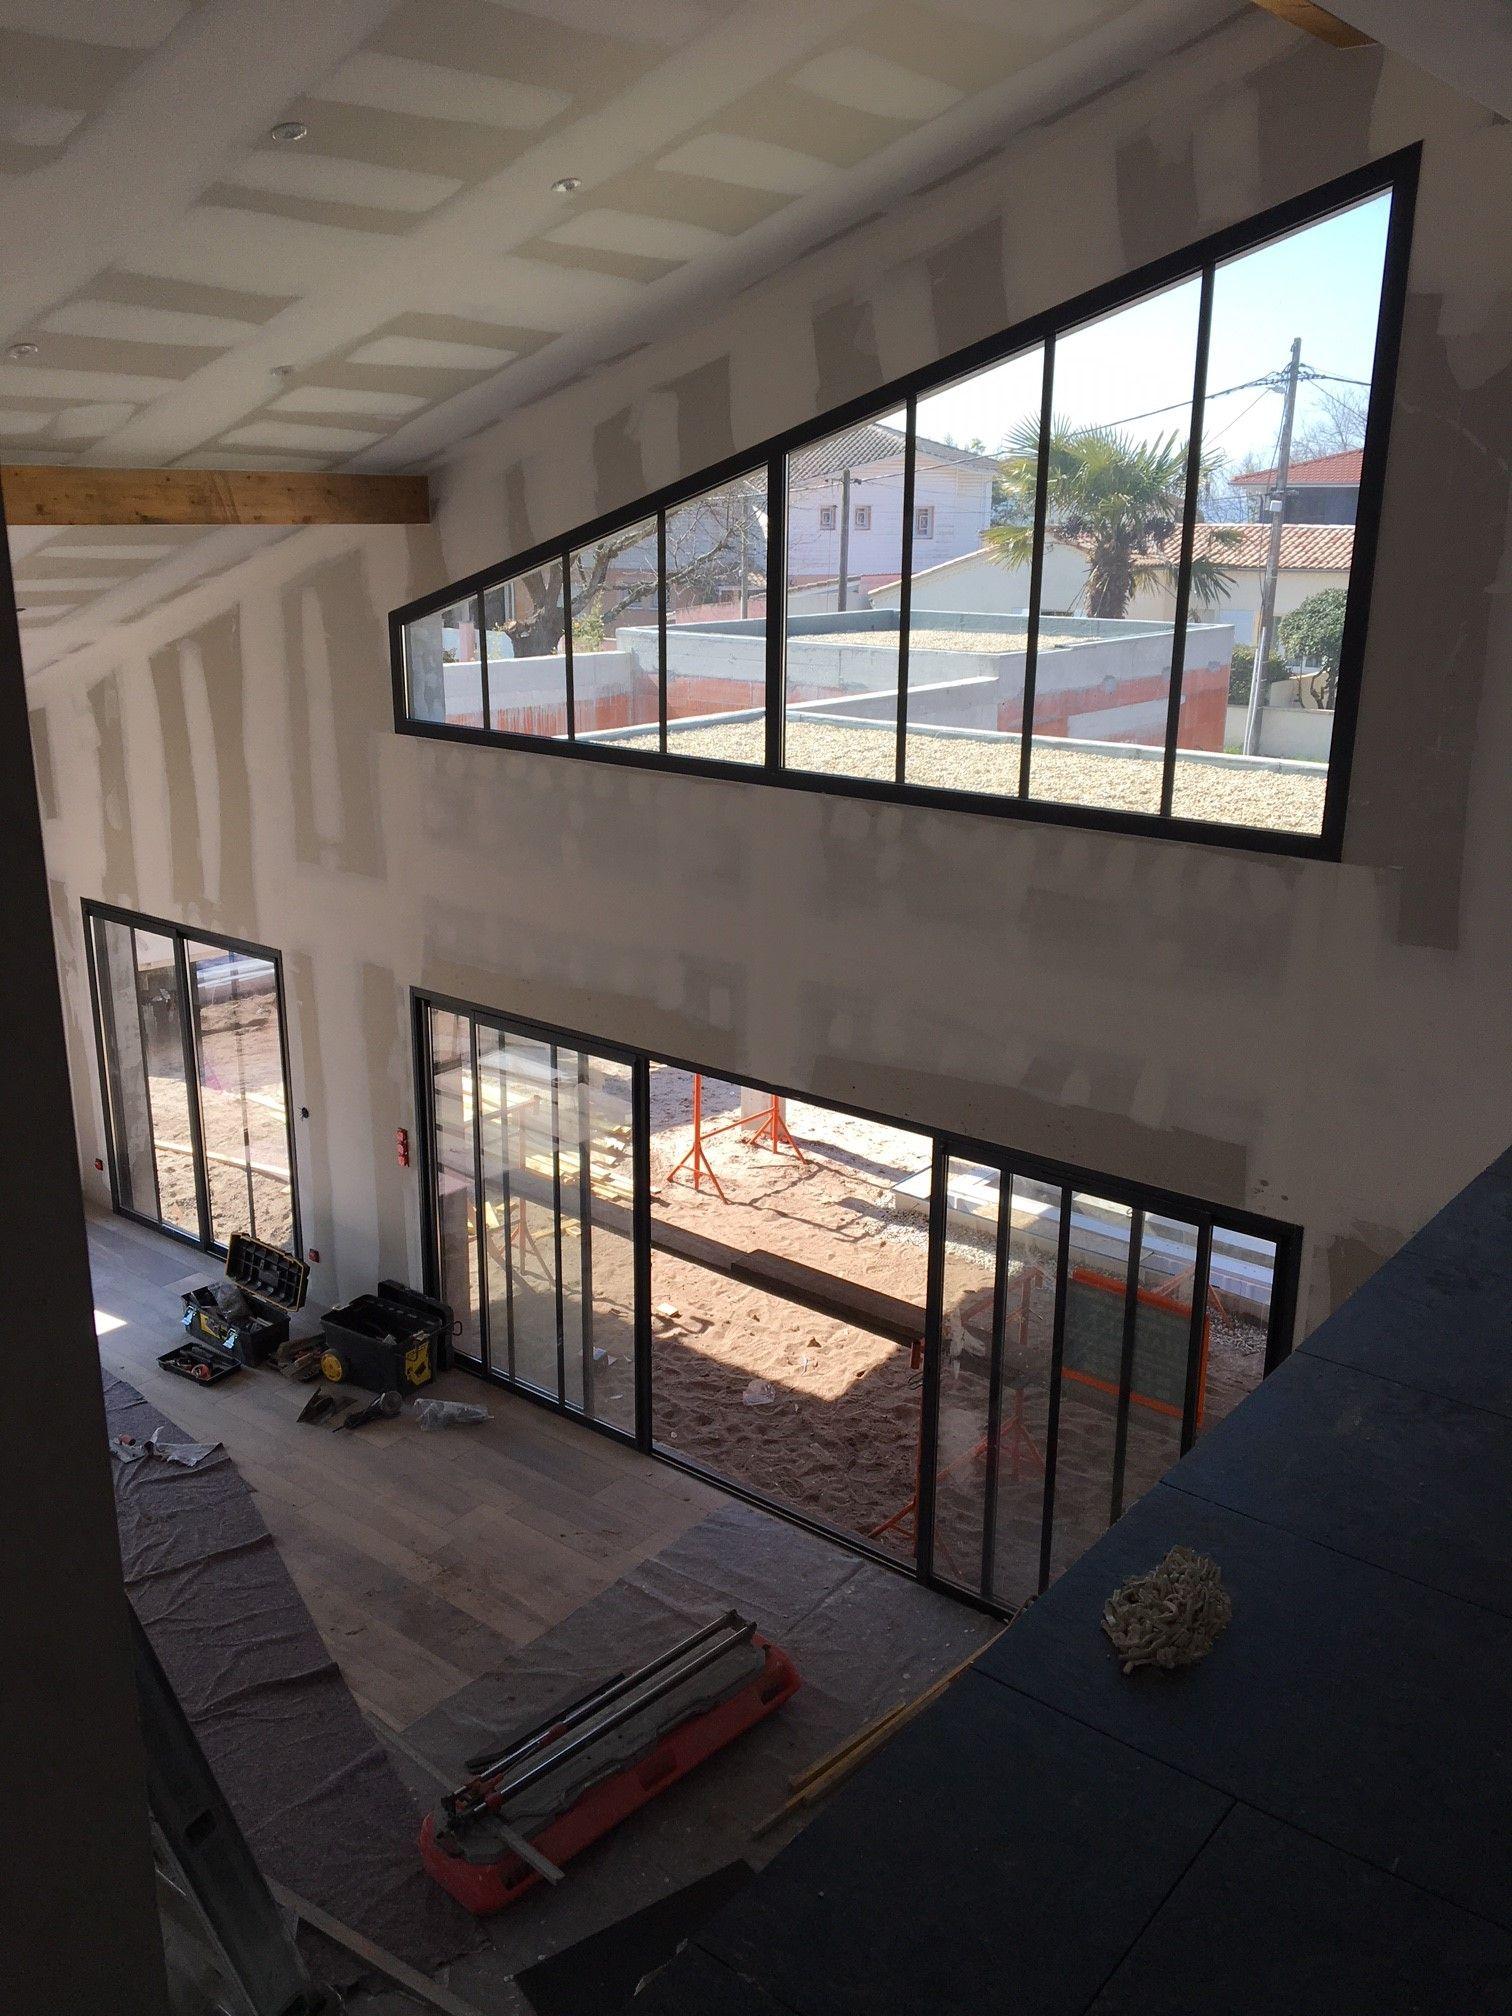 Chantier D Une Villa Menuiseries Sur Mesure En 2020 Renovation Maison Construction Maison Maison